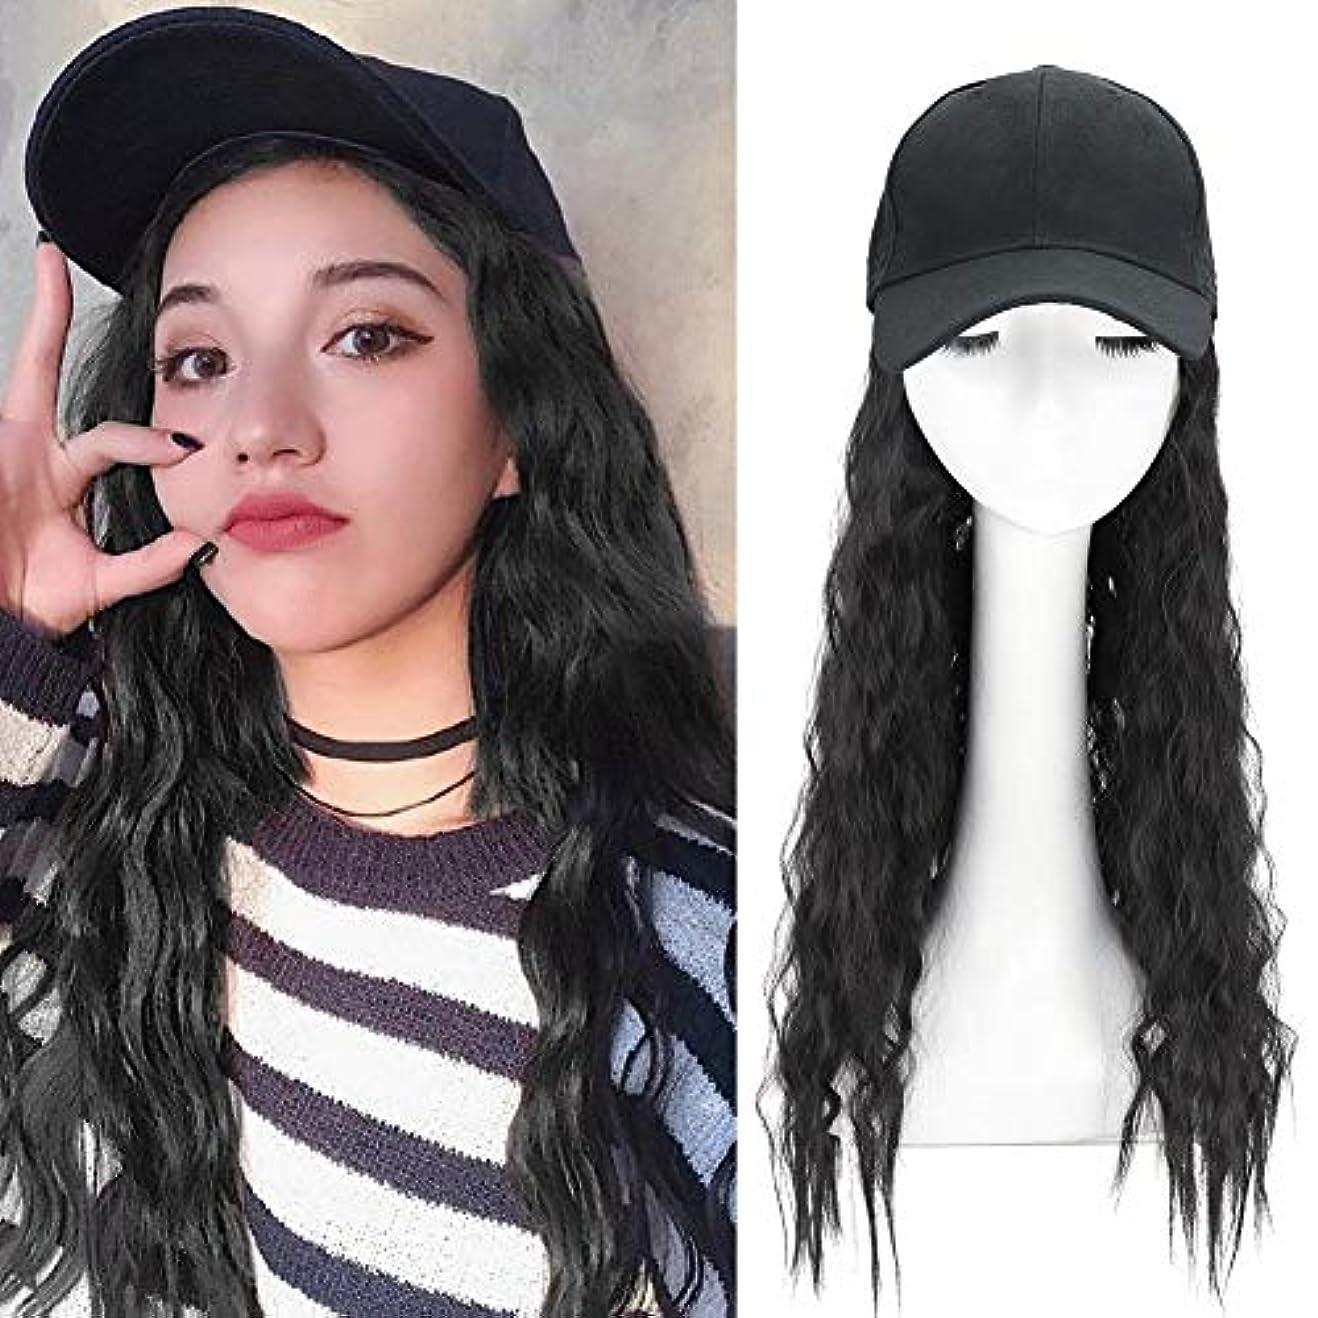 思われるレジデンスハック長い巻き毛を持つ合成長波野球帽合成毛を持つ波状かつらキャップ女の子のための髪を持つ調整可能な野球帽帽子